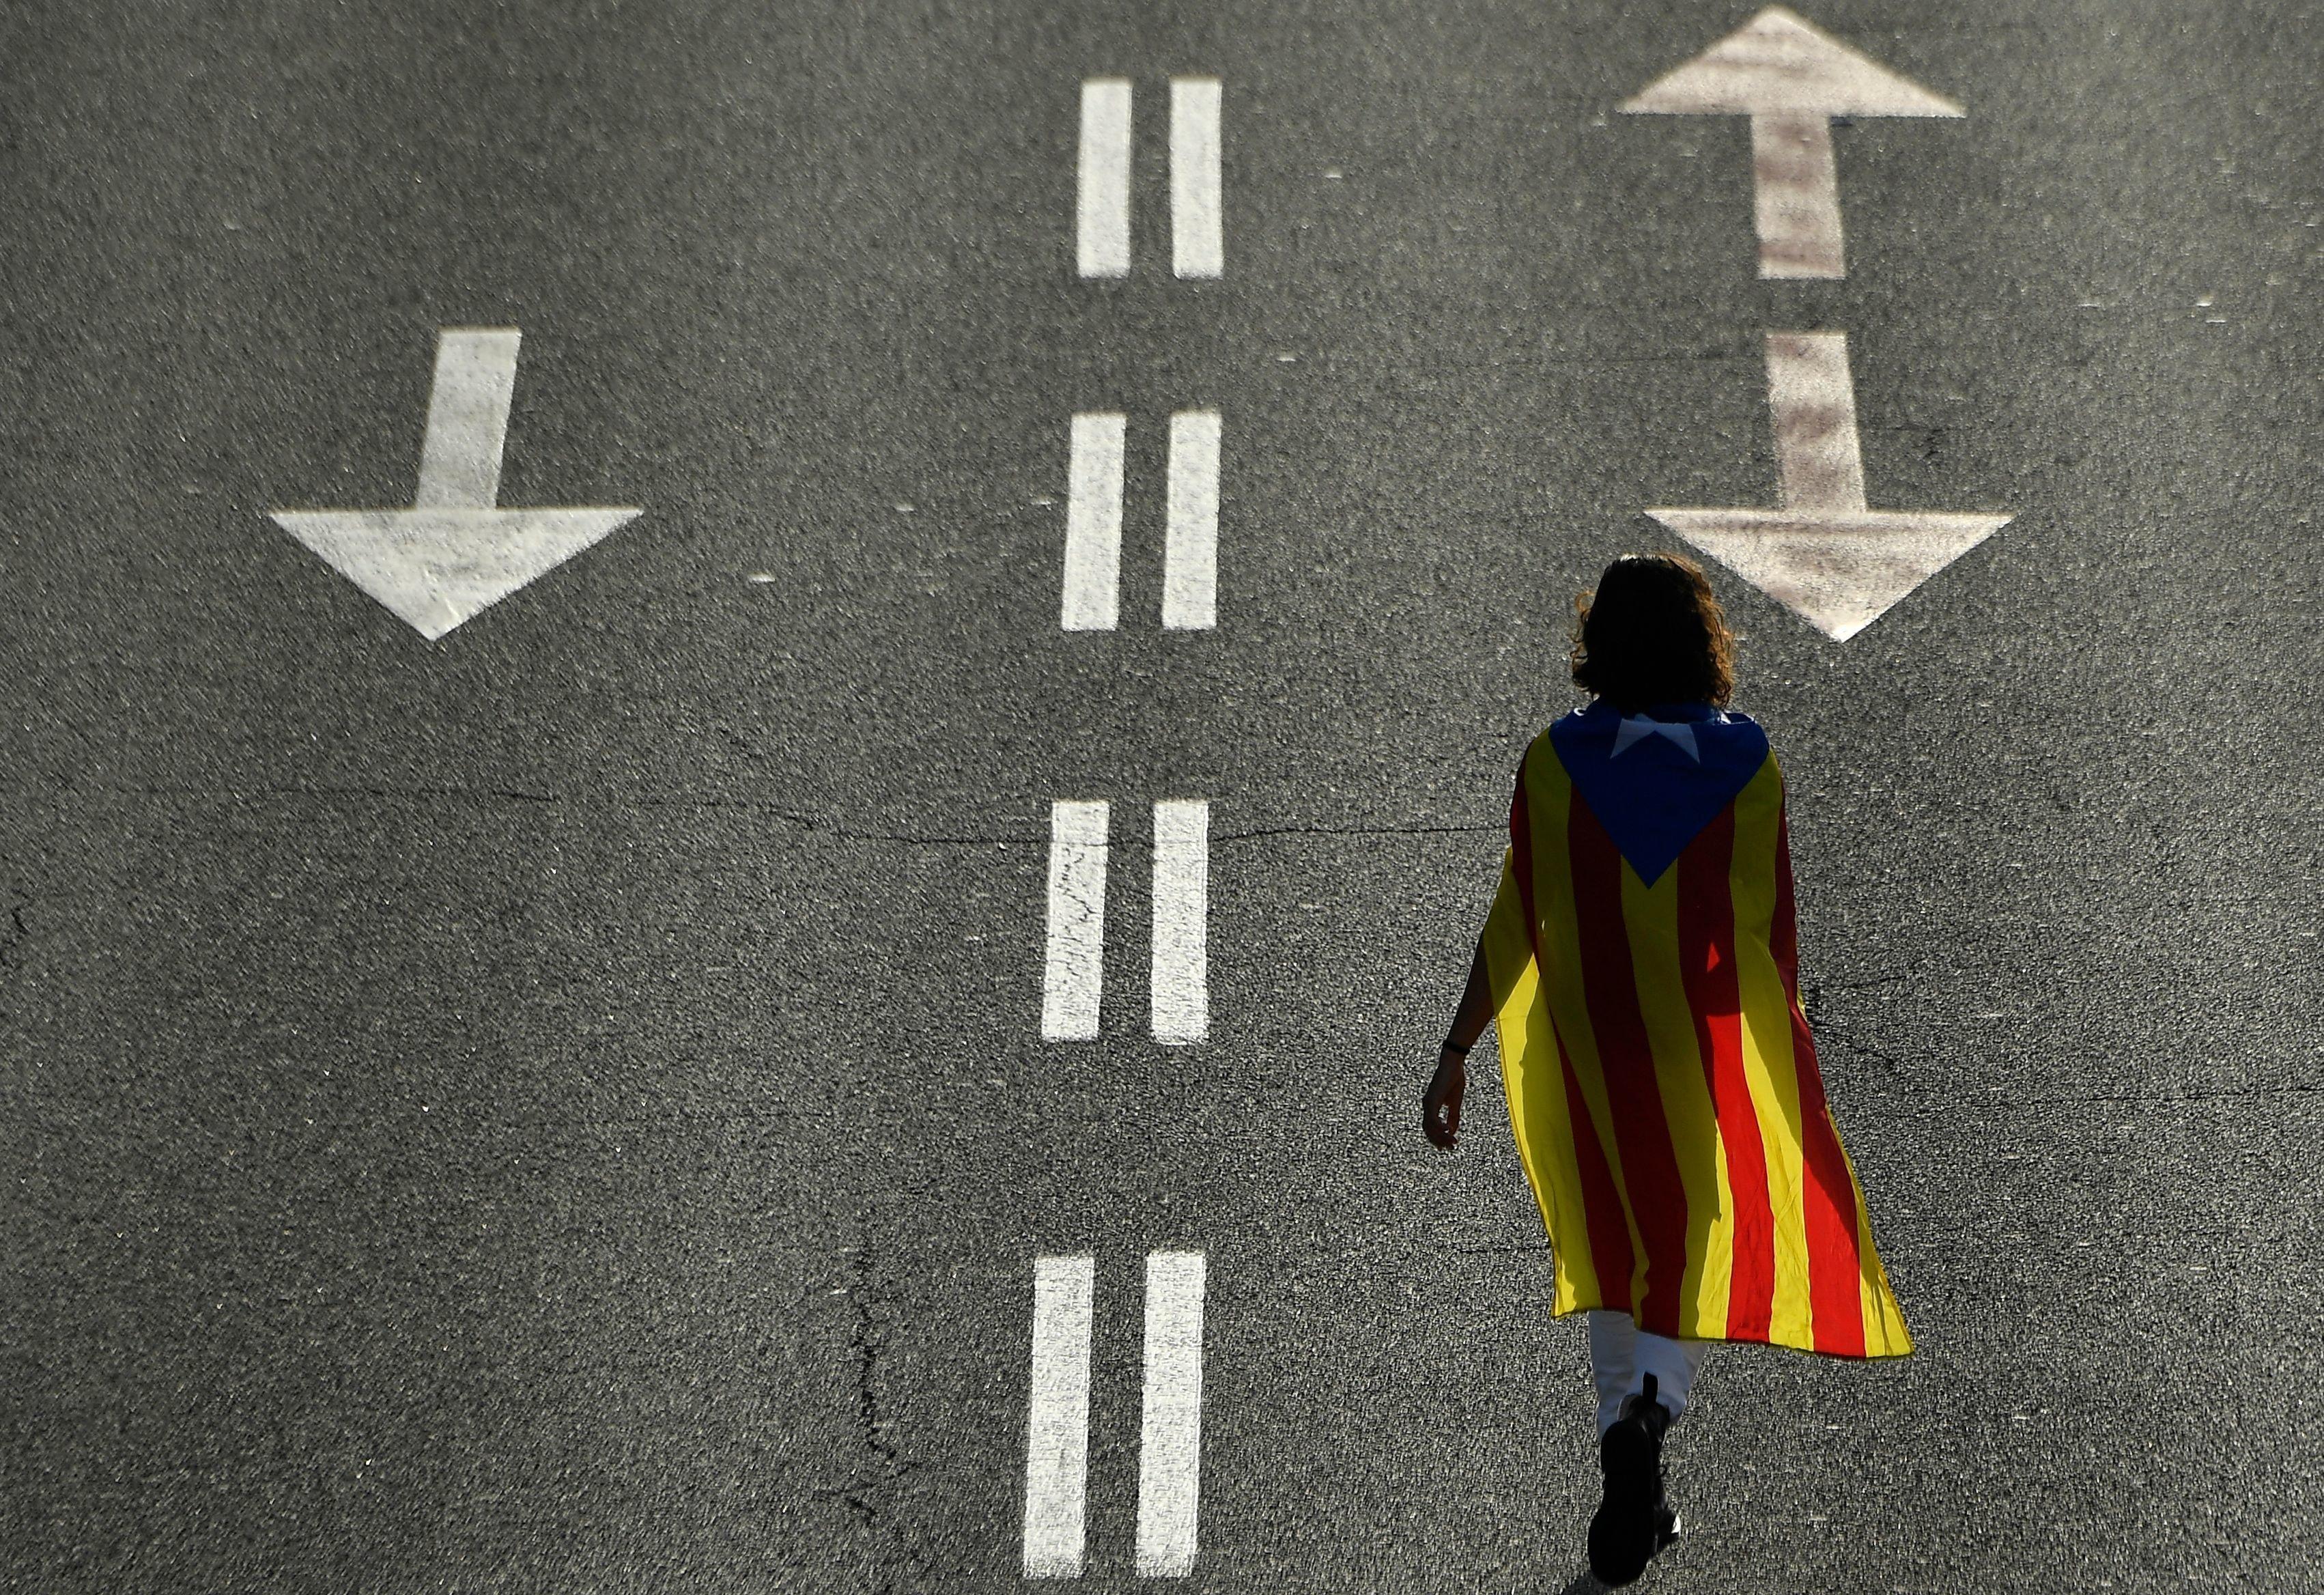 Στους δρόμους ένα εκατ. Καταλανοί για να ζητήσουν και πάλι την ανεξαρτησία